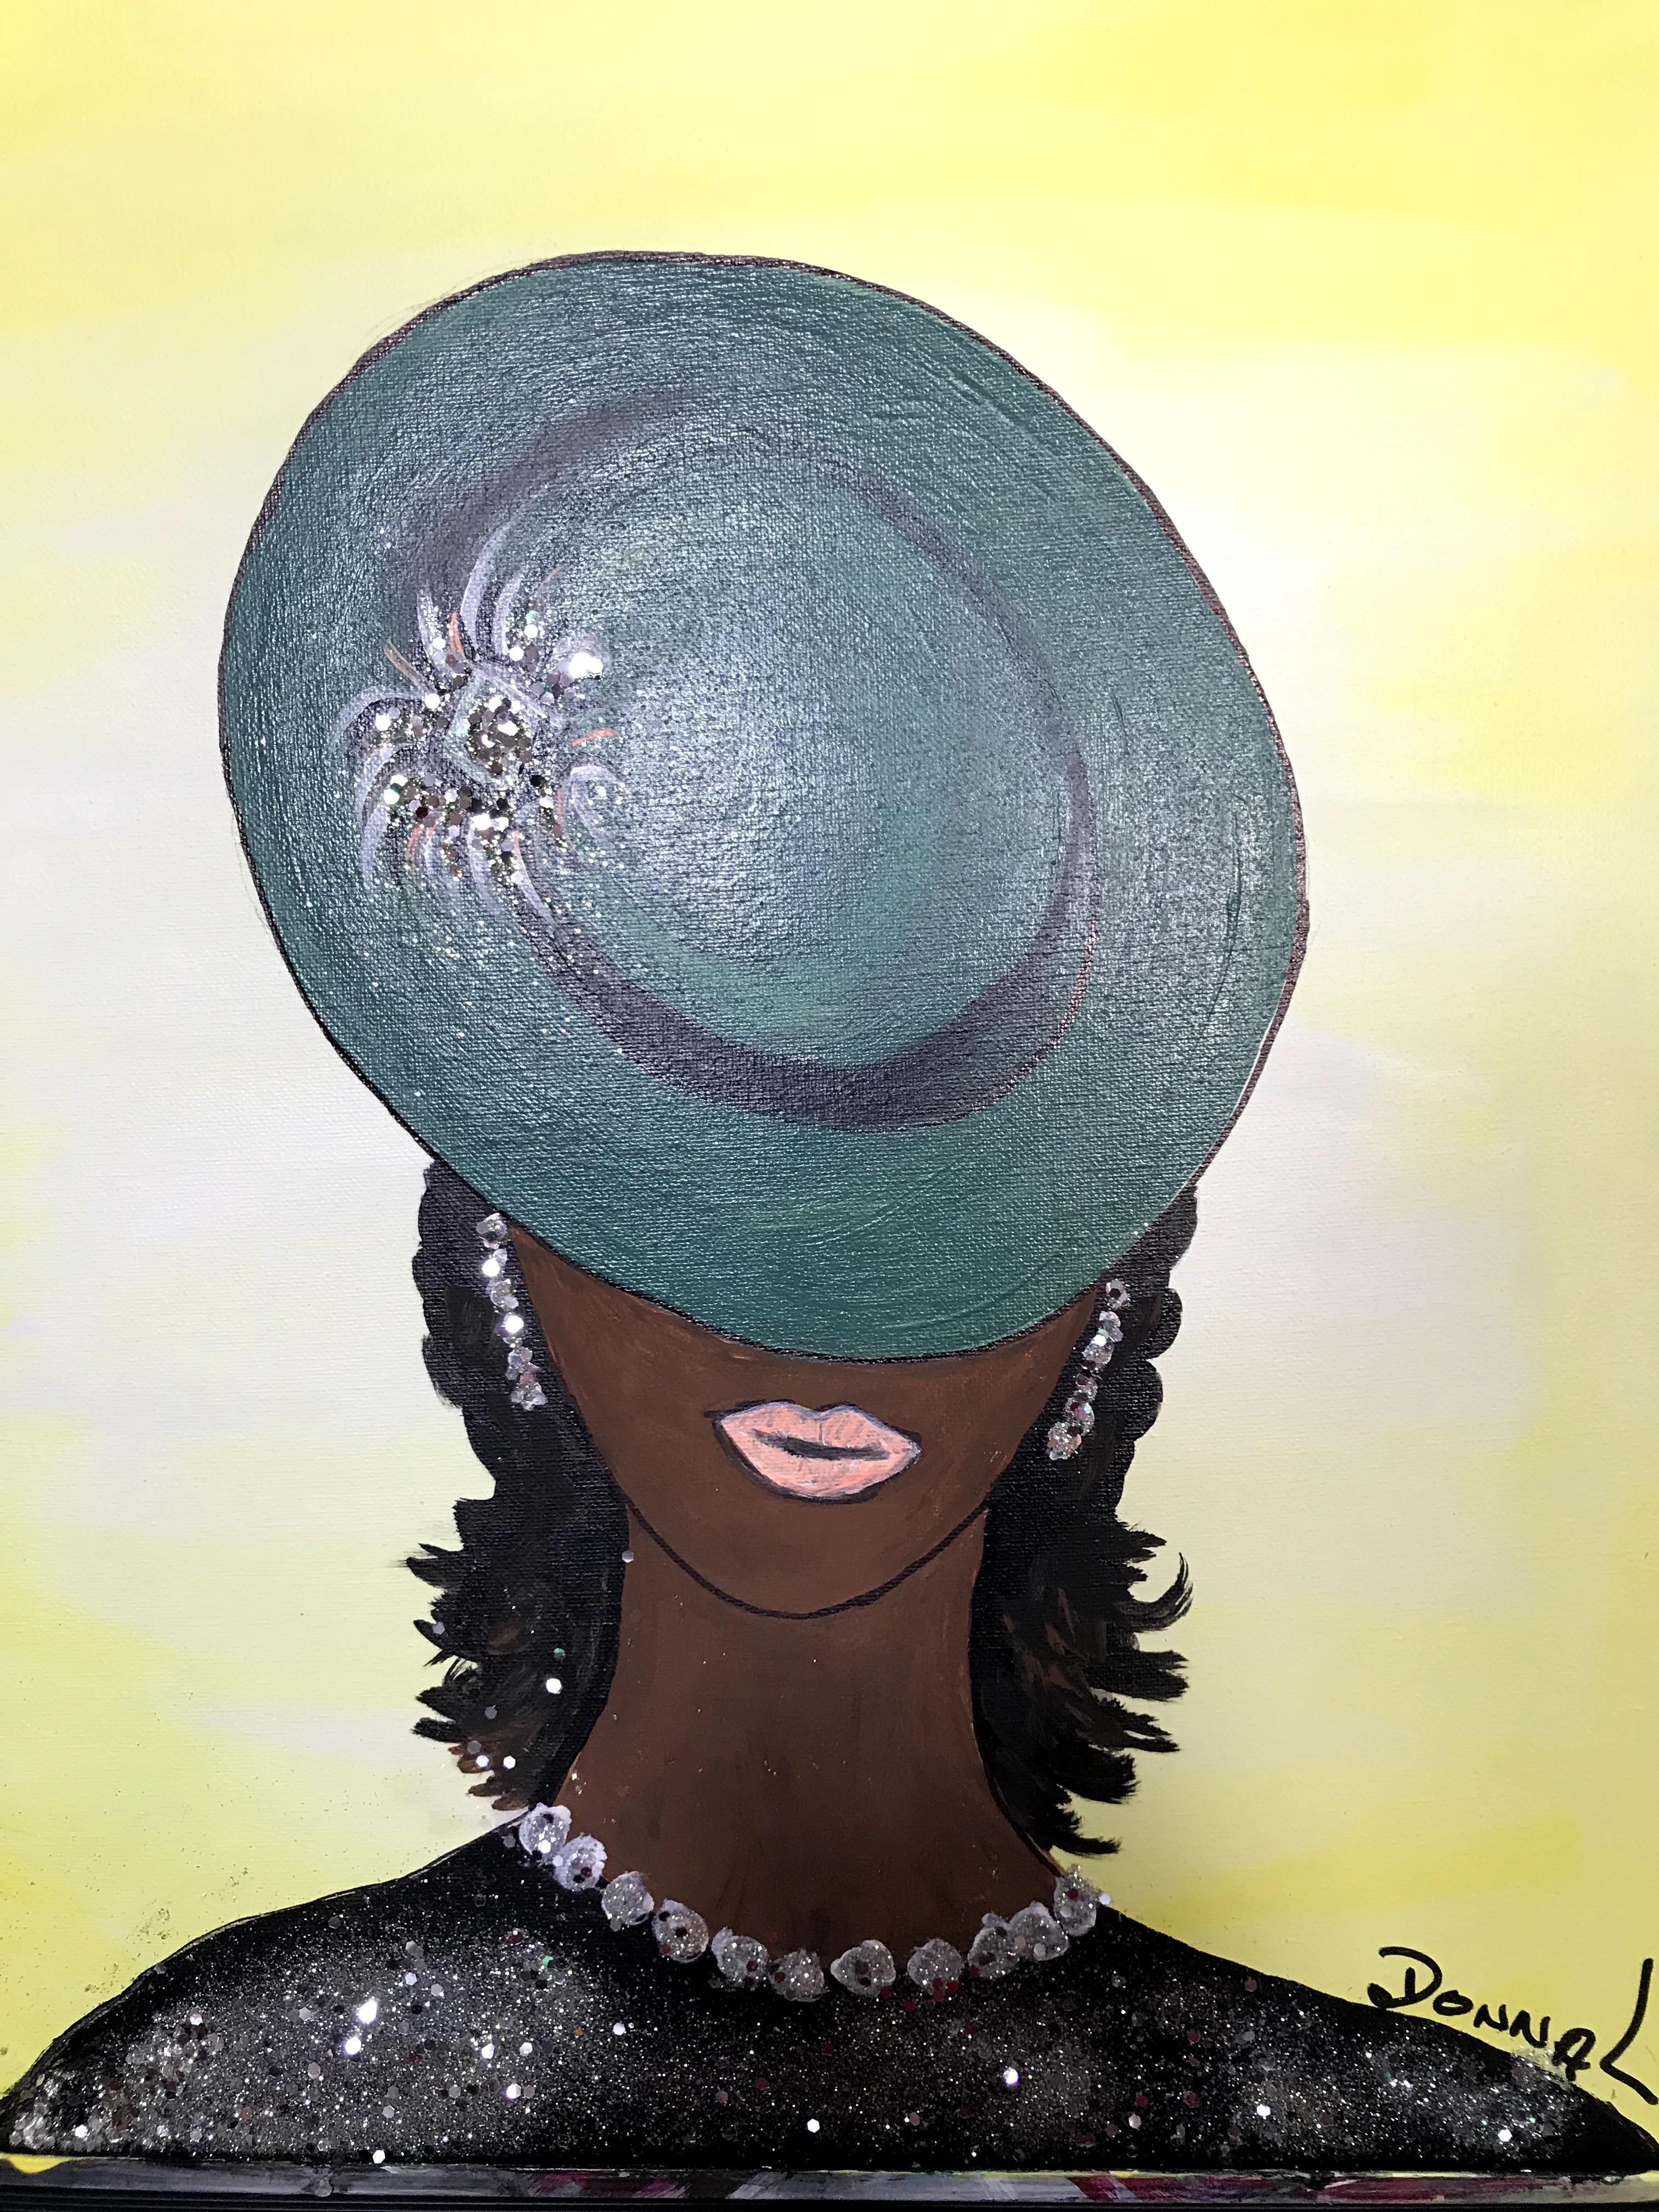 Women in Hats #10